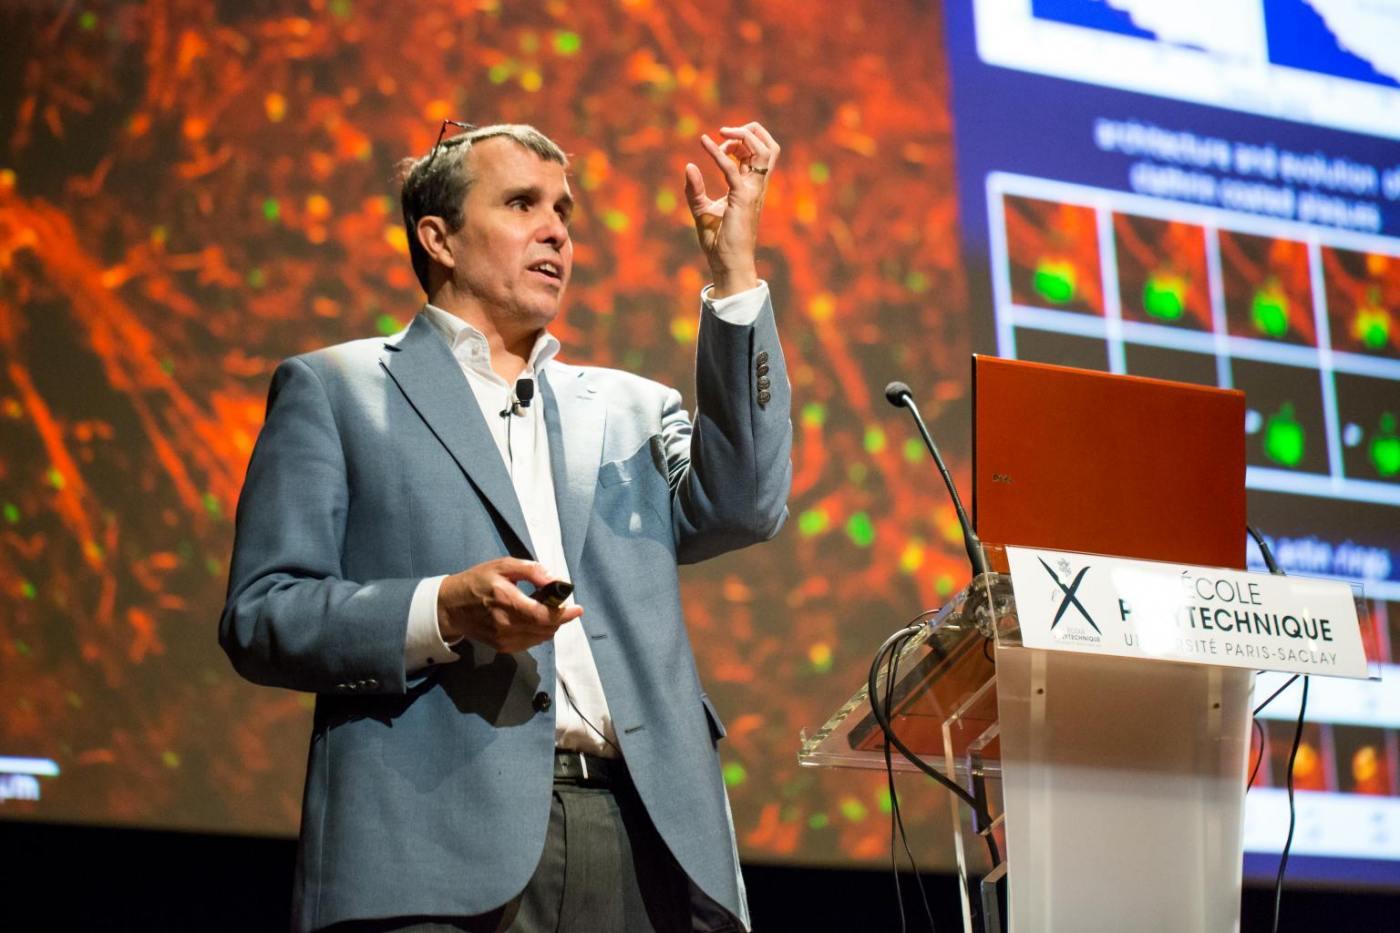 Эрик Бетциг (54 года) Нобелевская премия по химии 2014